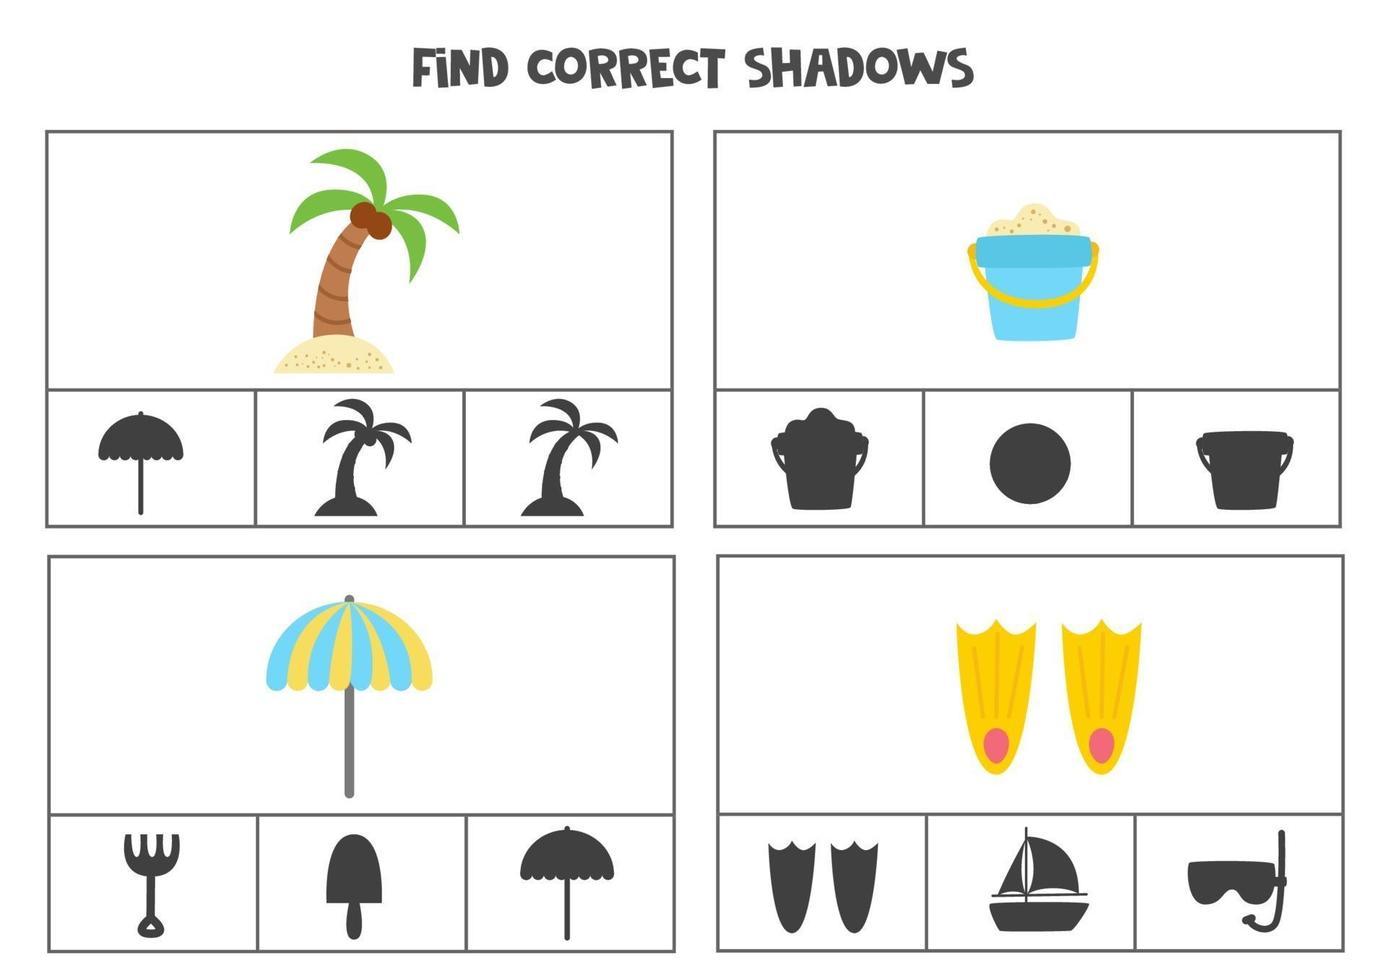 encontrar a sombra correta dos elementos de verão. vetor